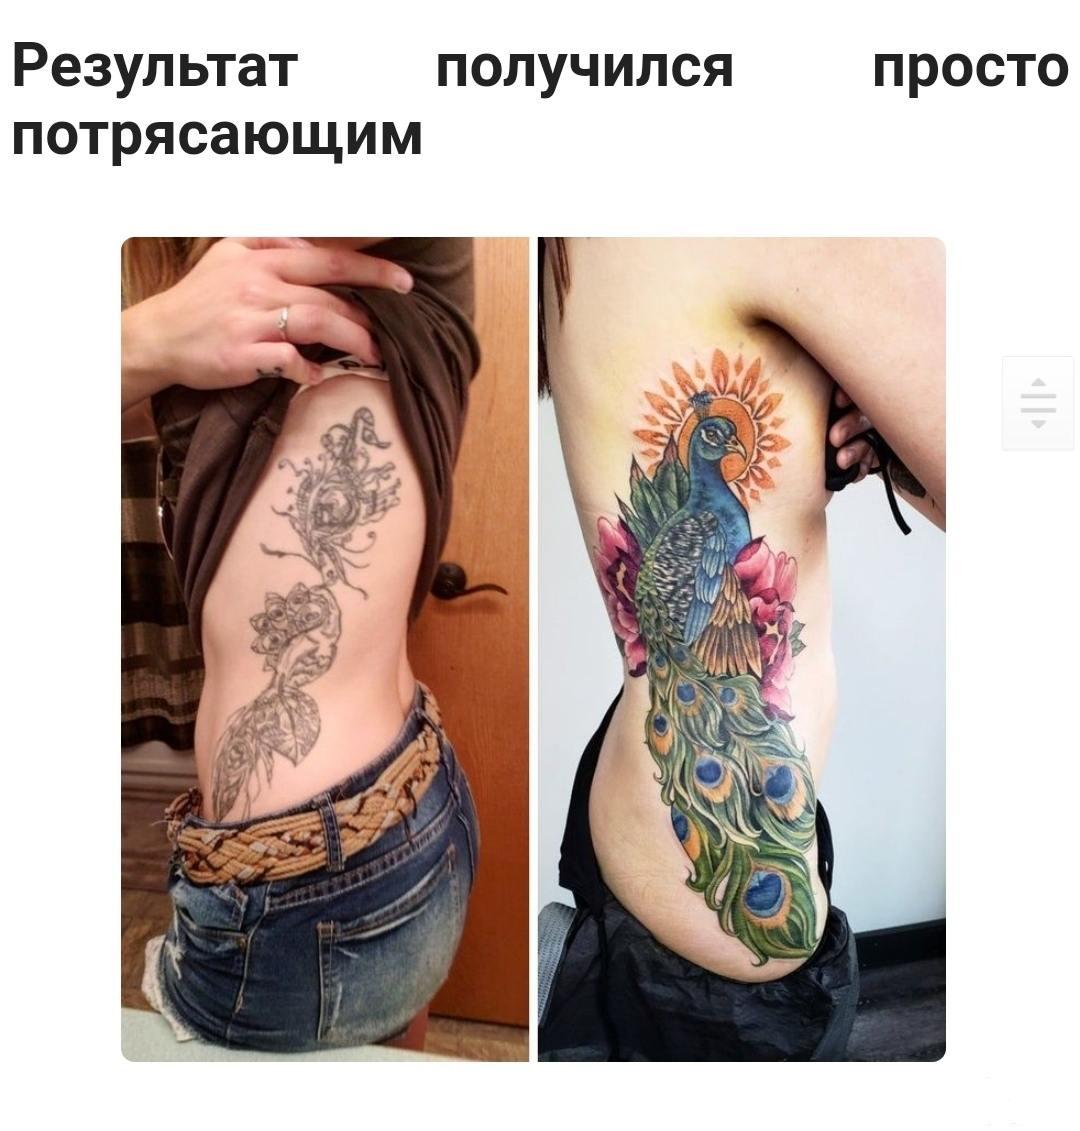 136021 - Татуировки